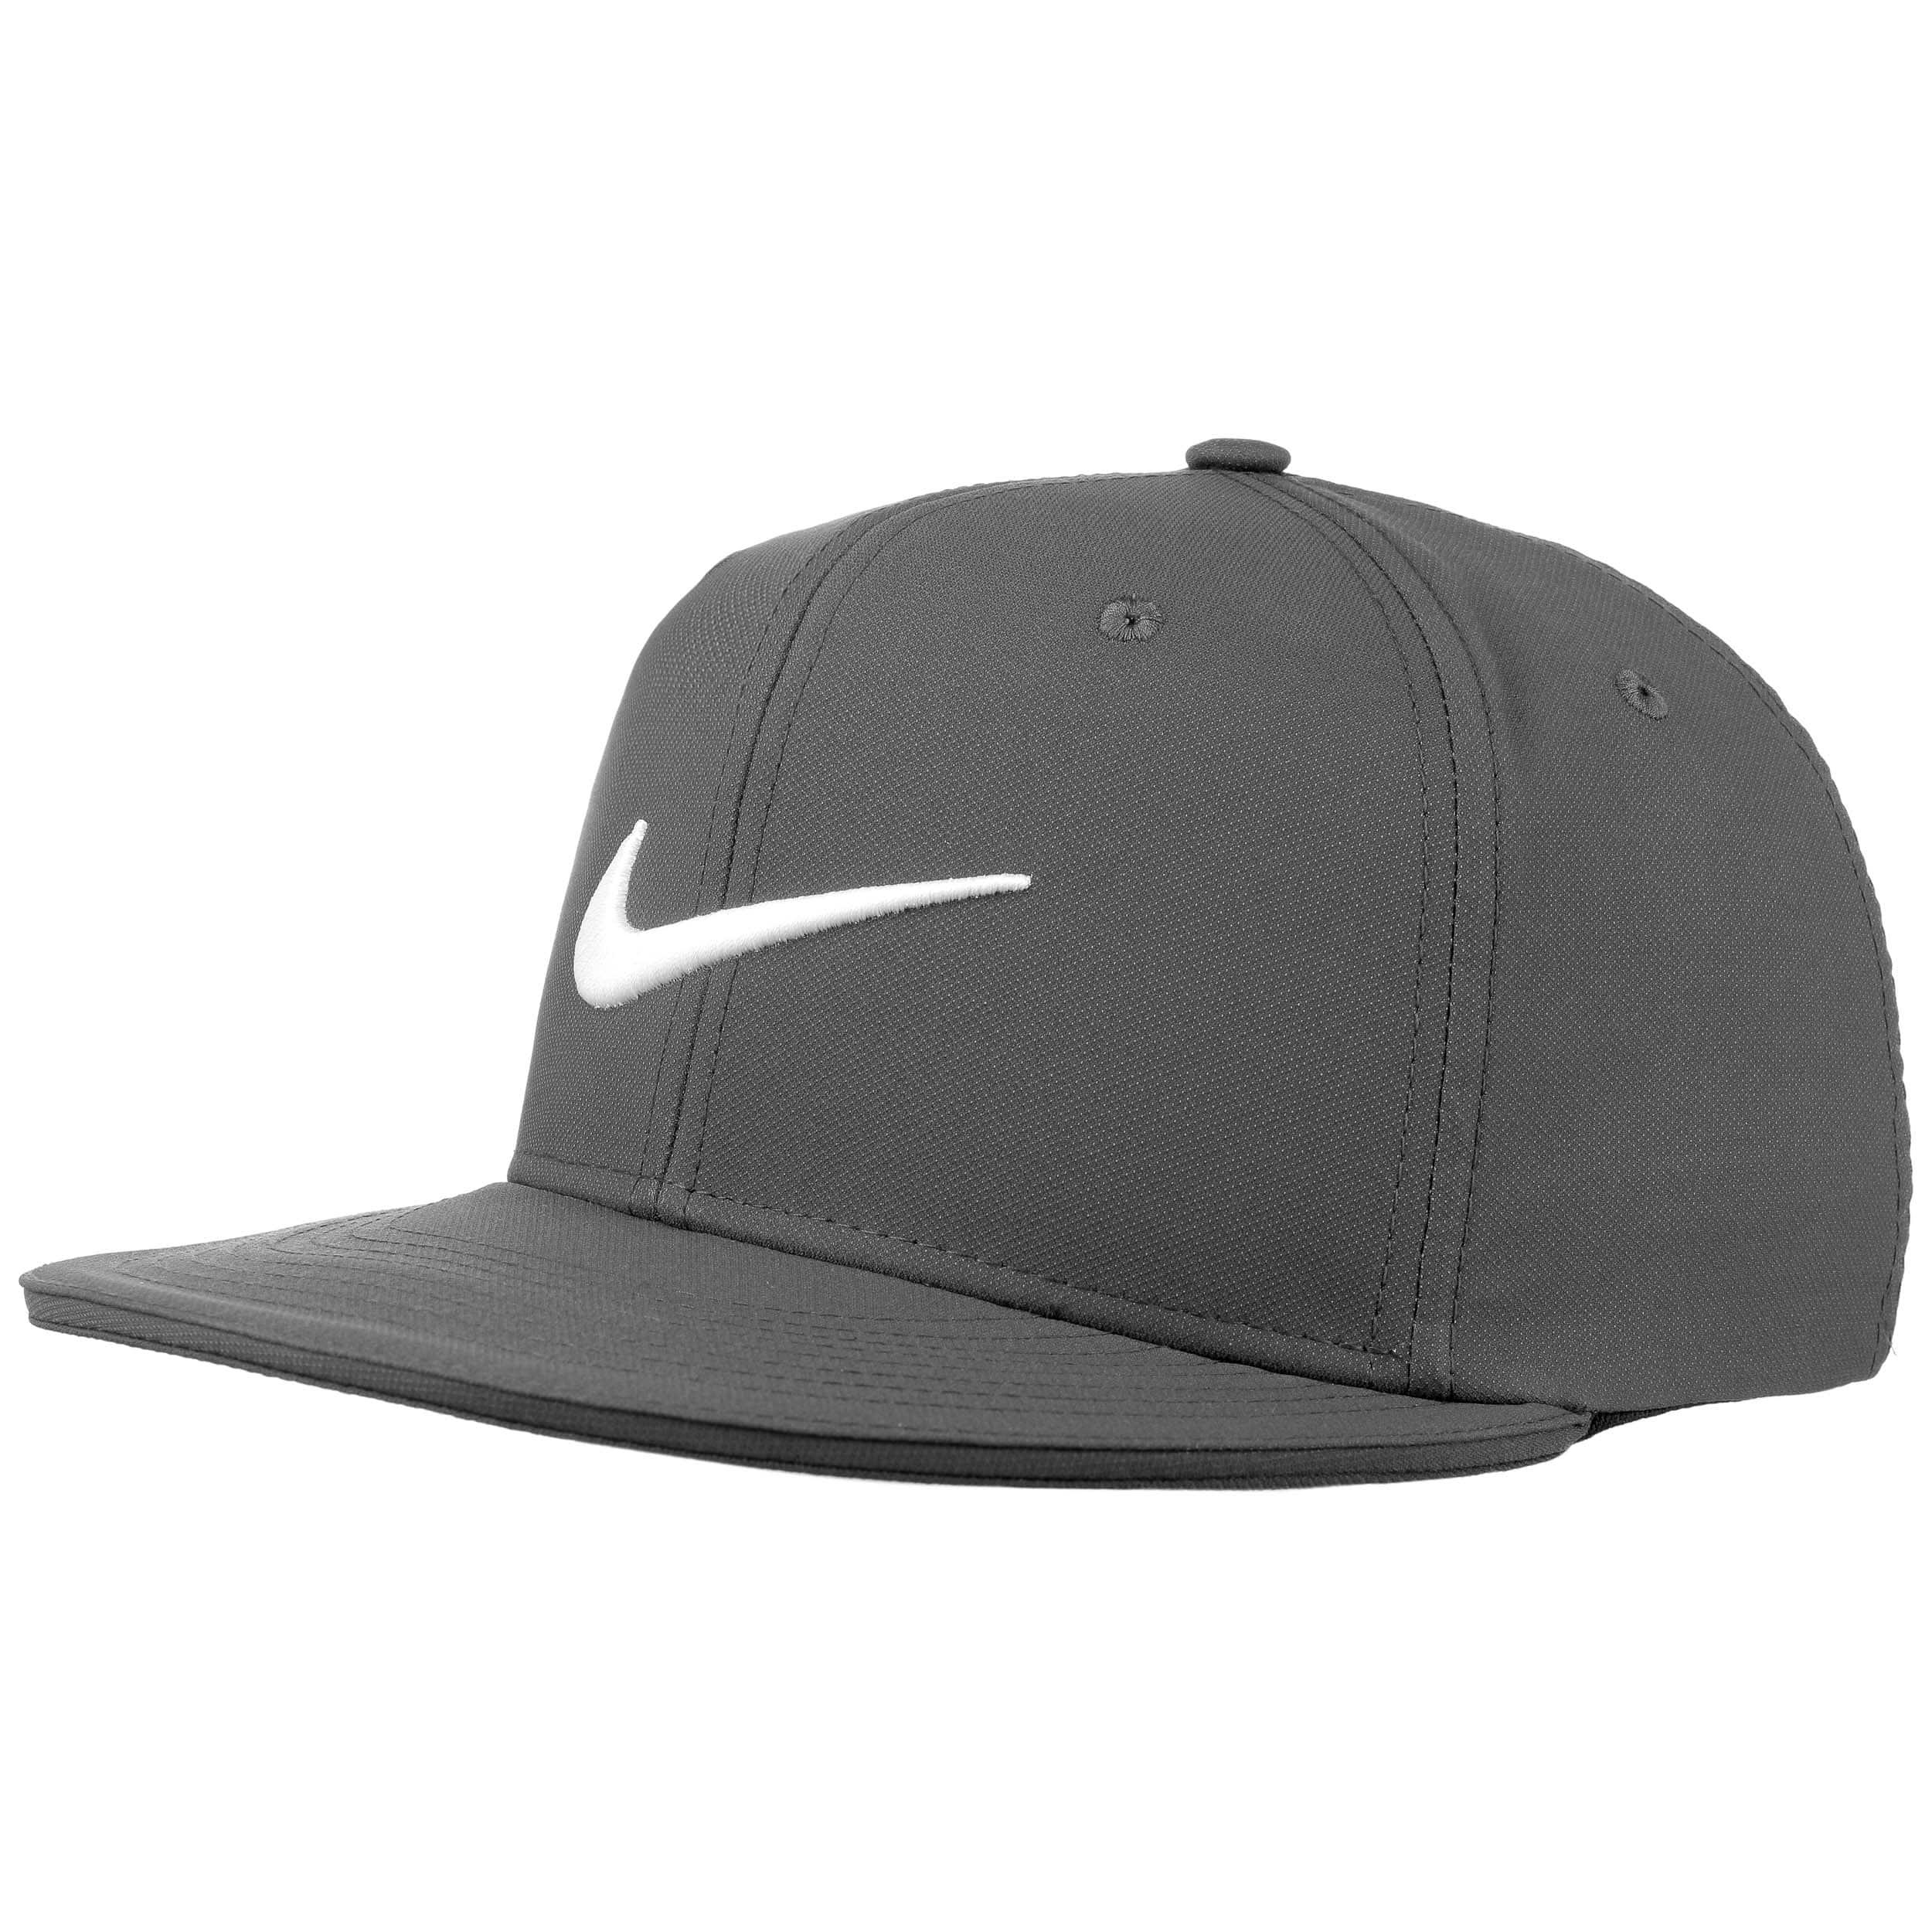 50a8707c53a ... True Statement Clima Uni Cap by Nike - dark grey 6 ...